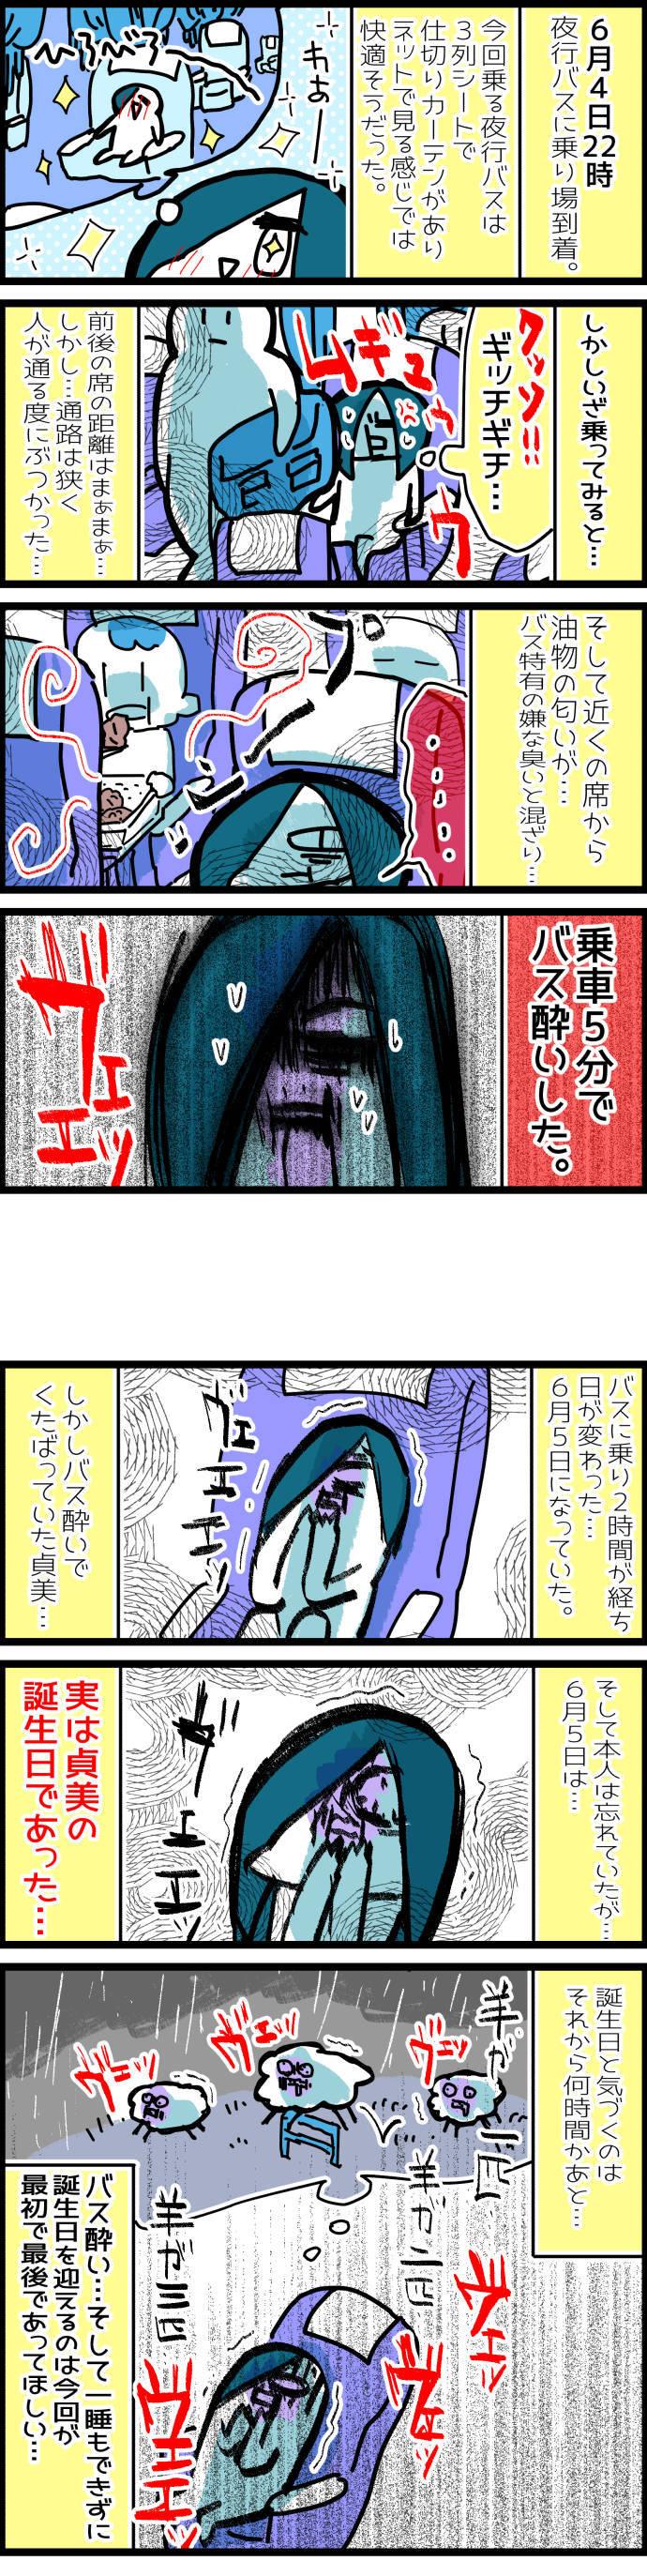 neetsadami.com_7話01